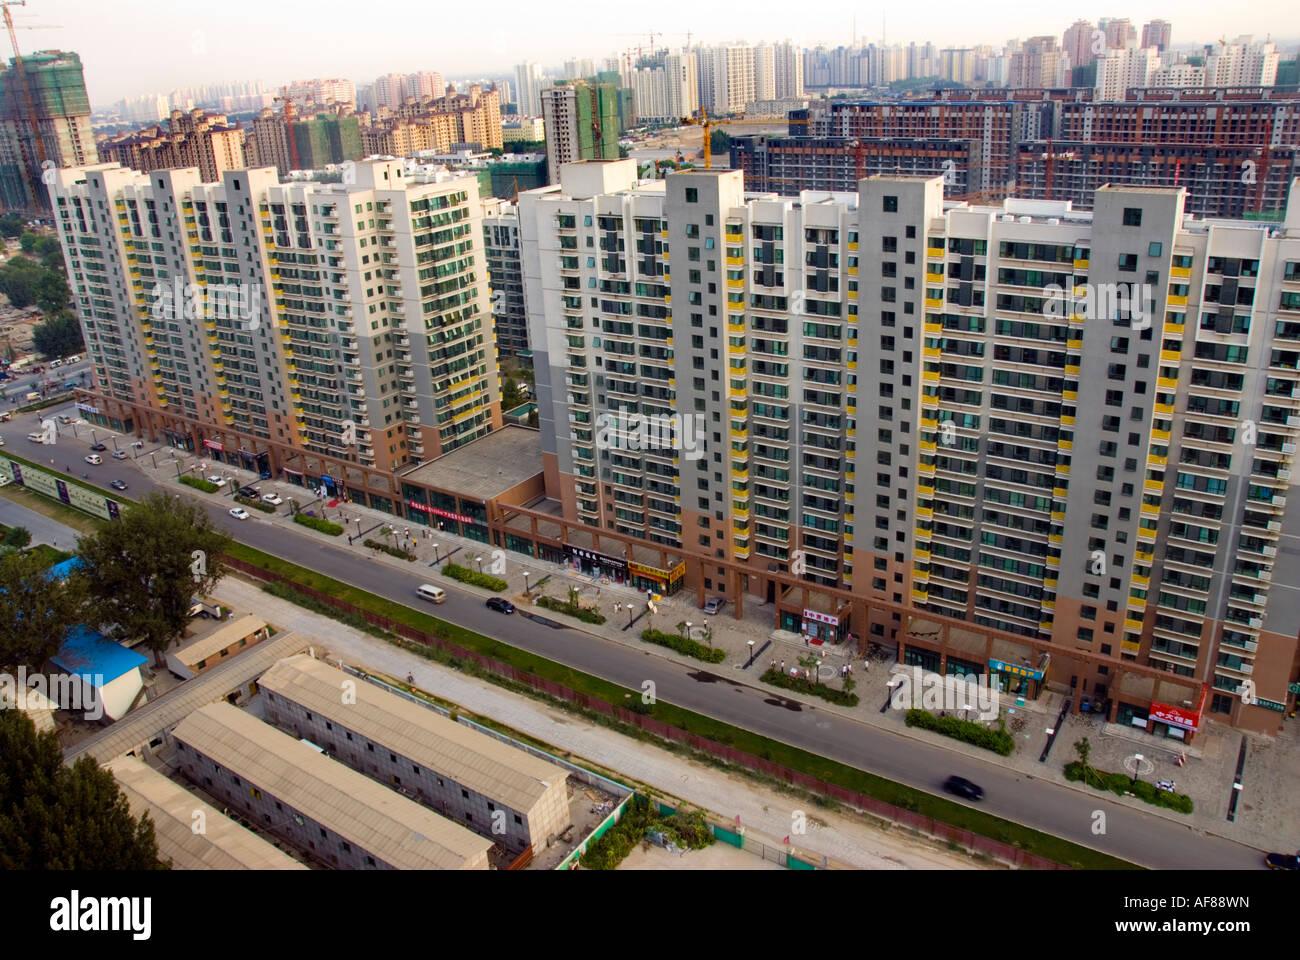 Peking CHINA, Neue Architektur Wohngebäude 'im Bau' von Stadtbild, asien china chinesische asiatische Straße, Stahlbetonkonstruktion, n Stockfoto